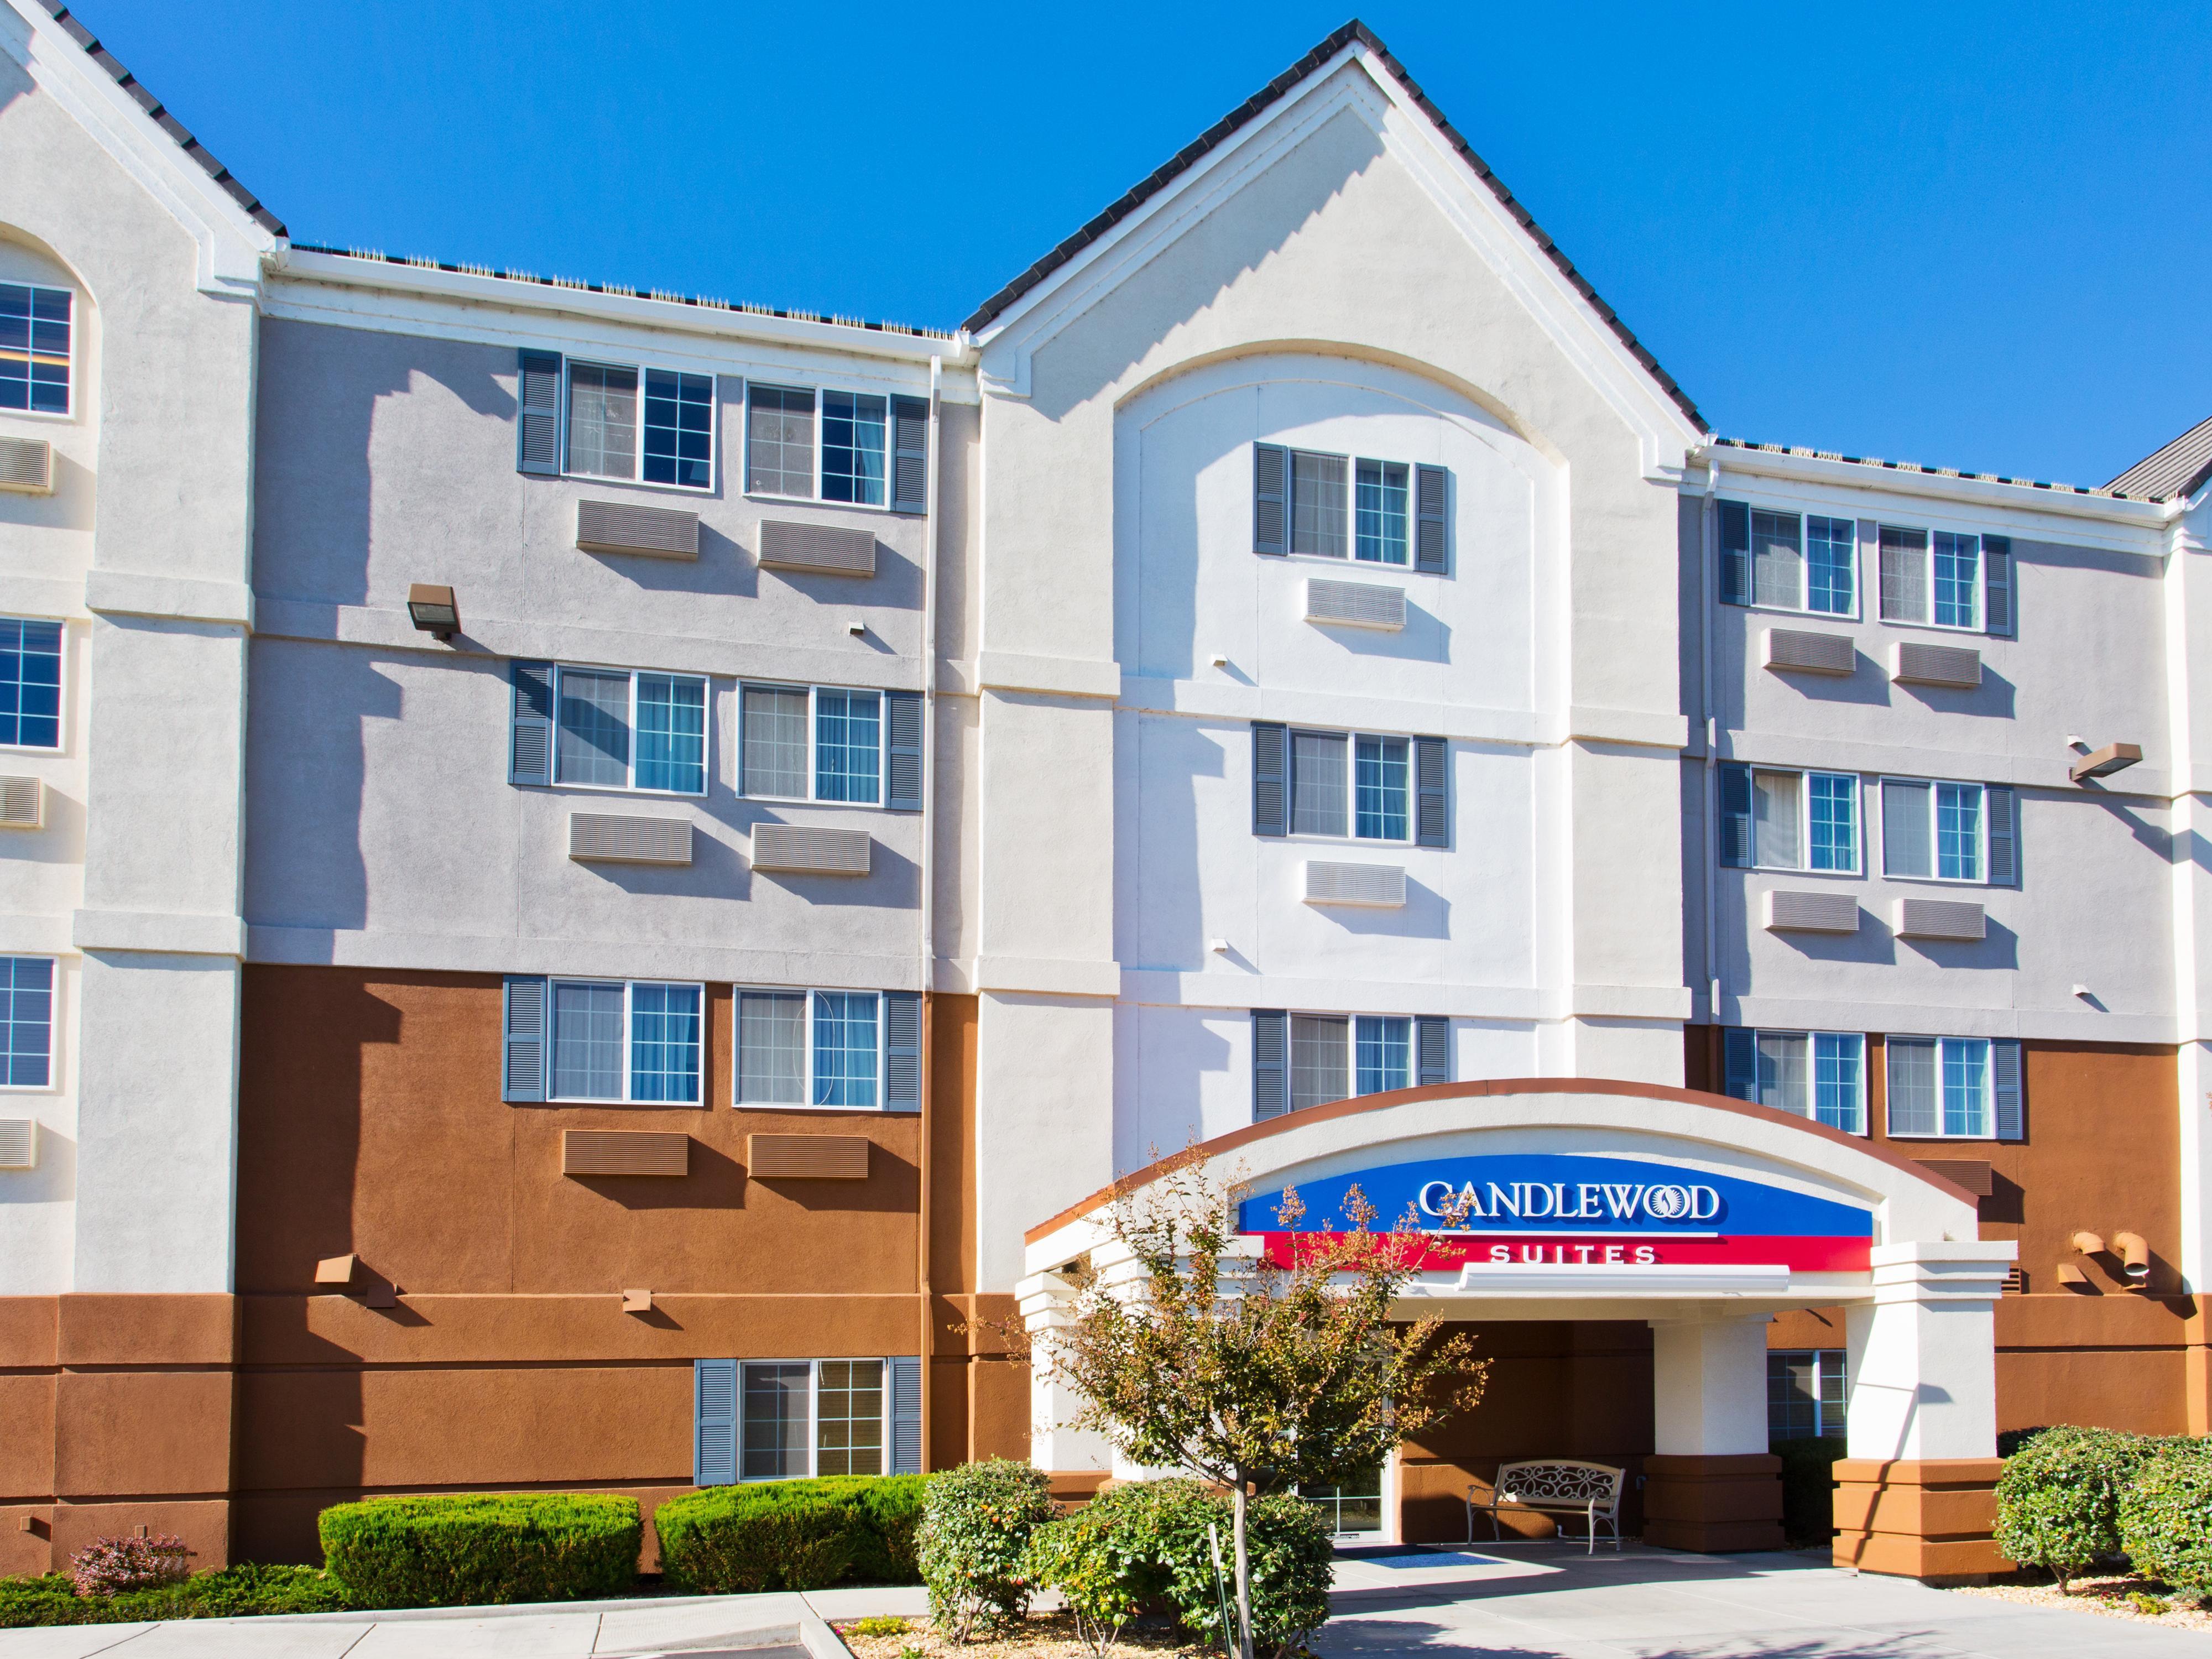 Medford Hotels